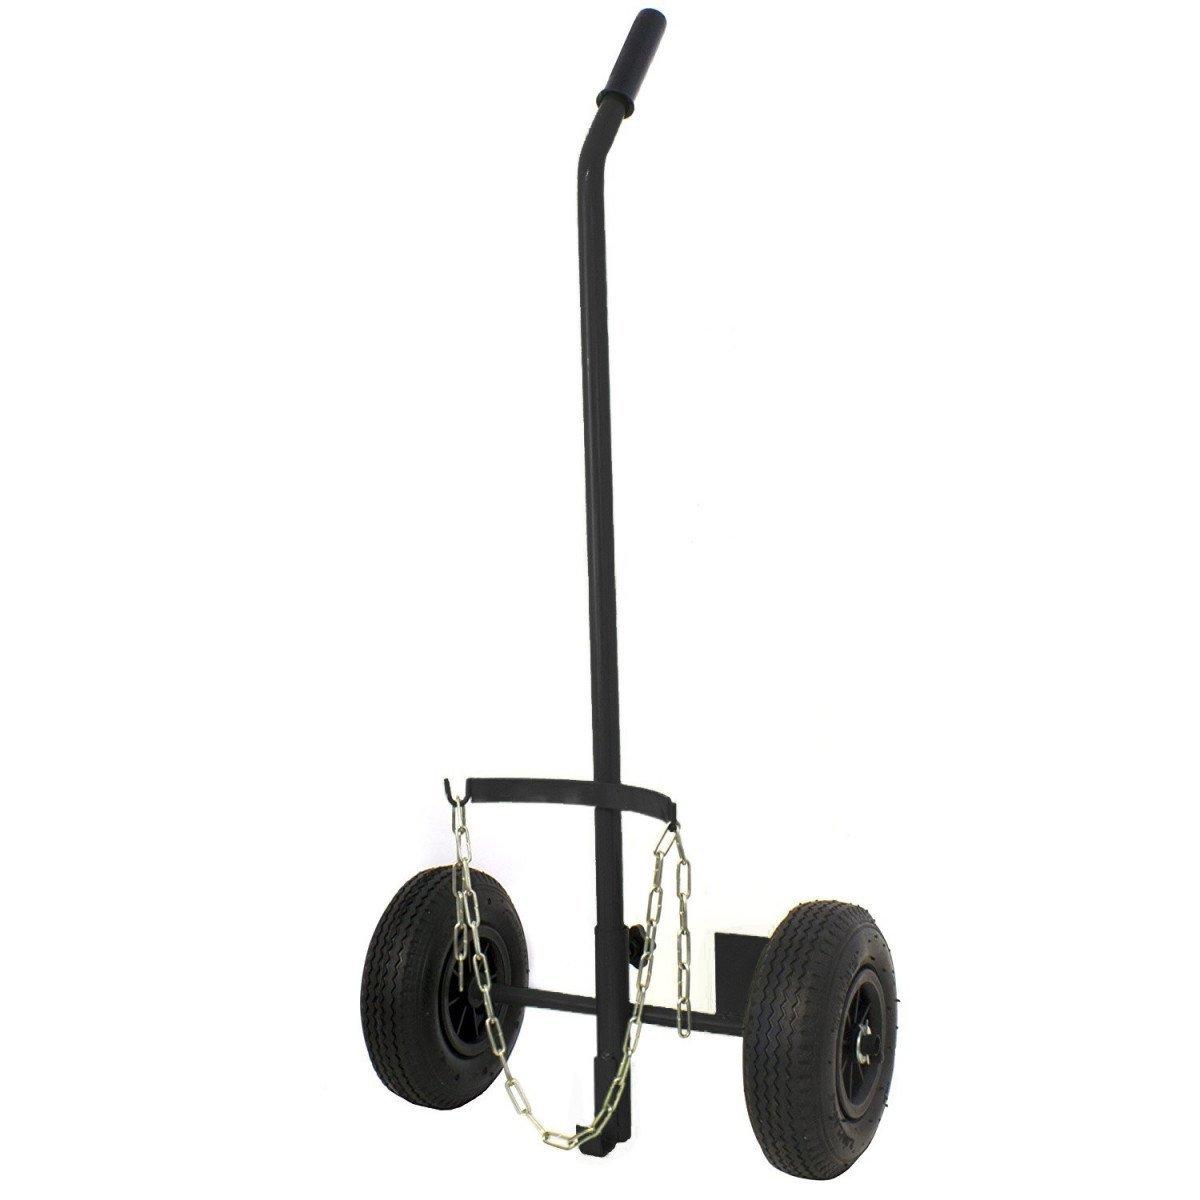 Chariot für Gasflasche 6/13kg mit Rad geschwollen Durchmesser 260mm Proweltek